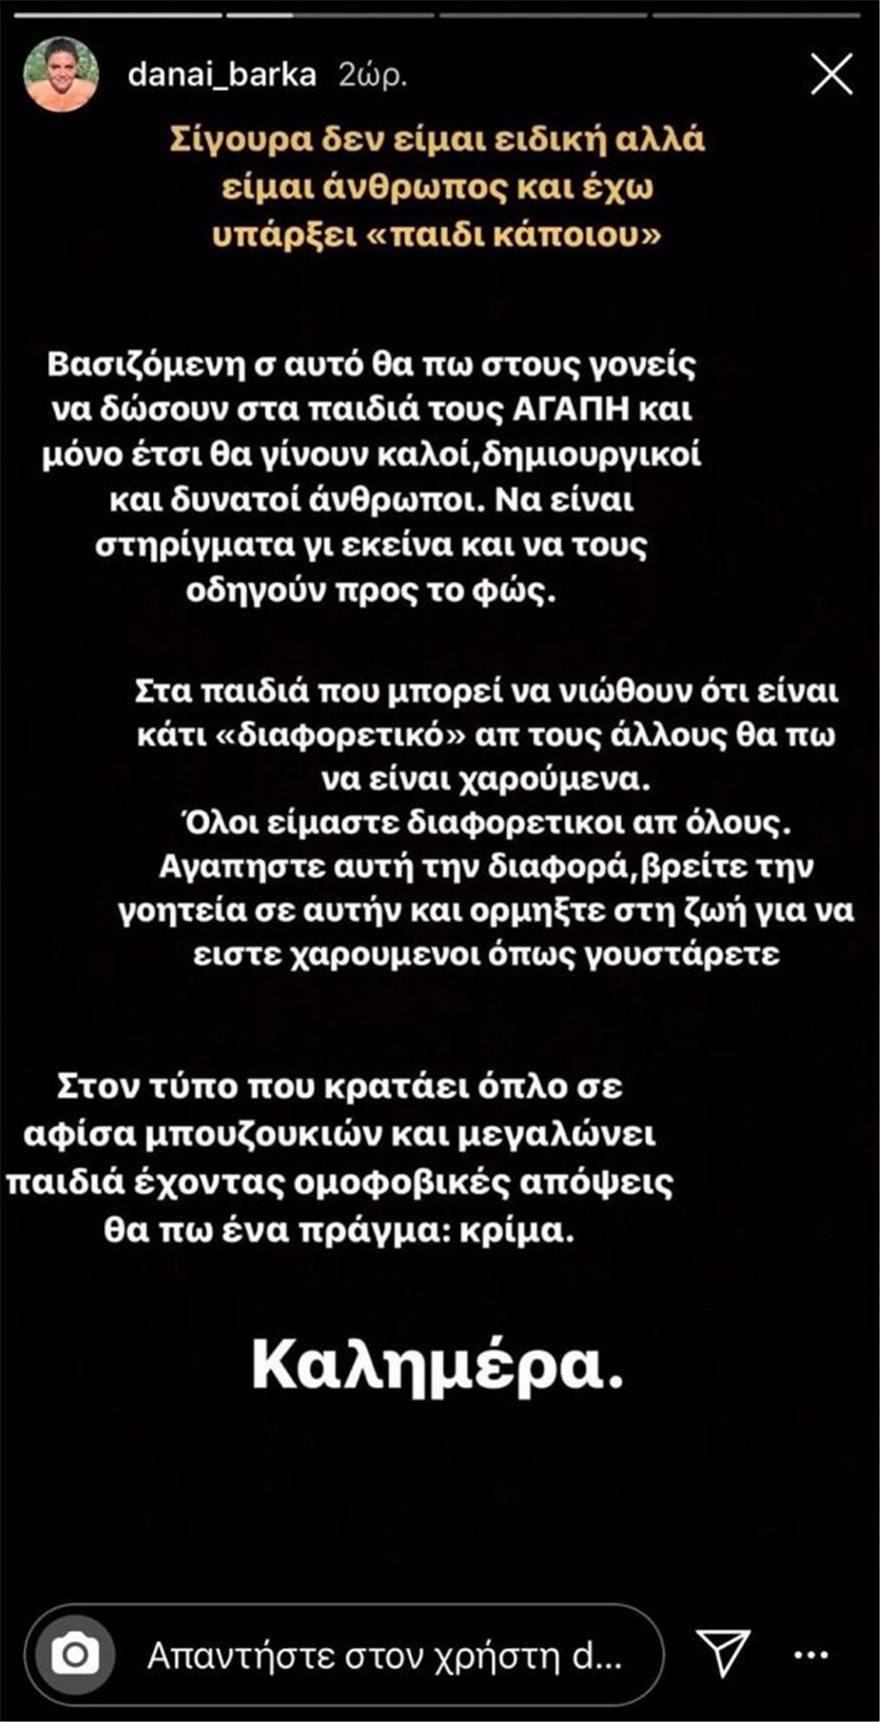 Danai_Mparka